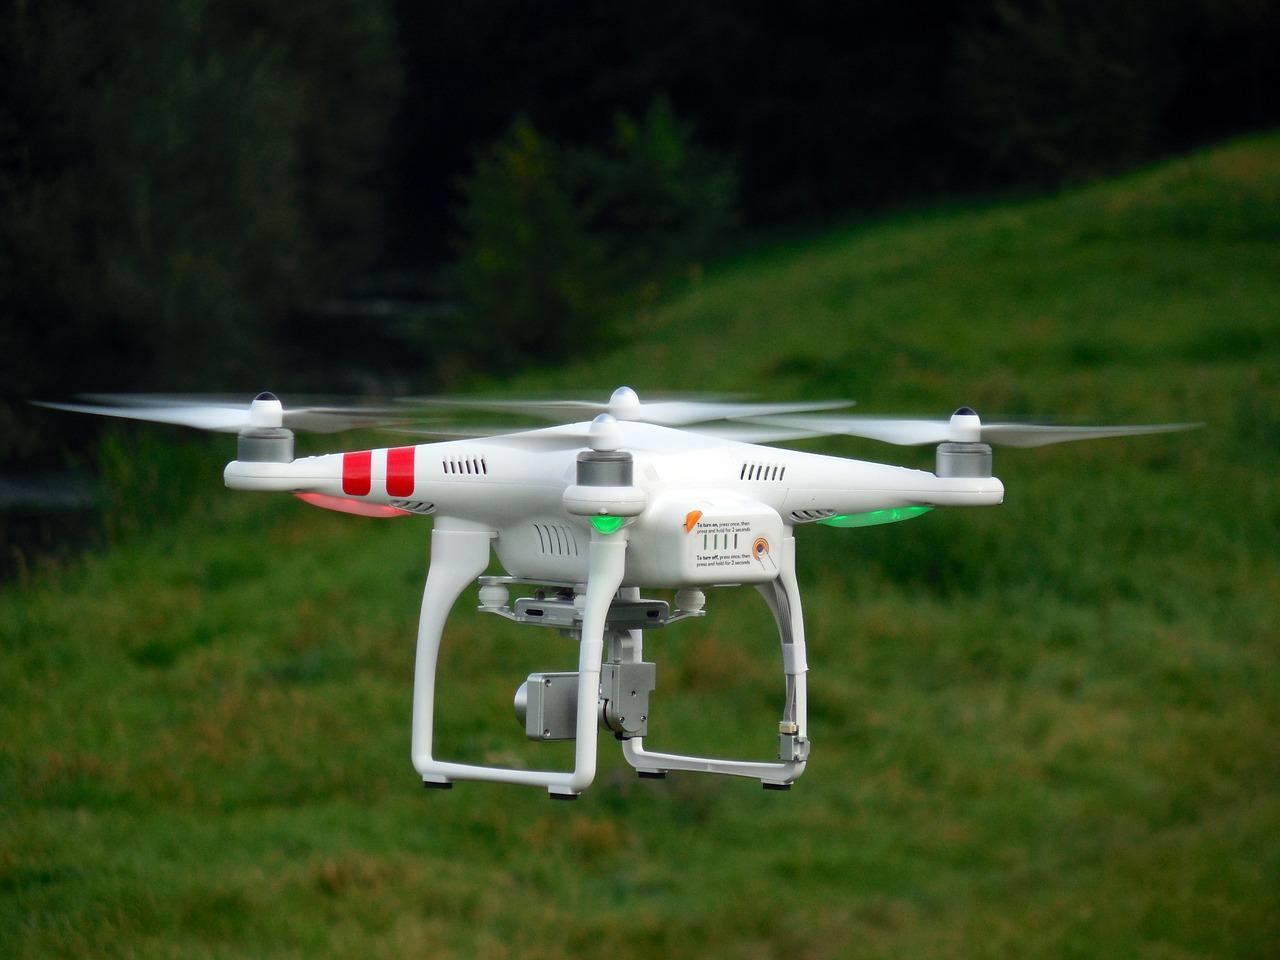 Promotion drone wifi bigben smart, avis parrot ar.drone 2.0 test